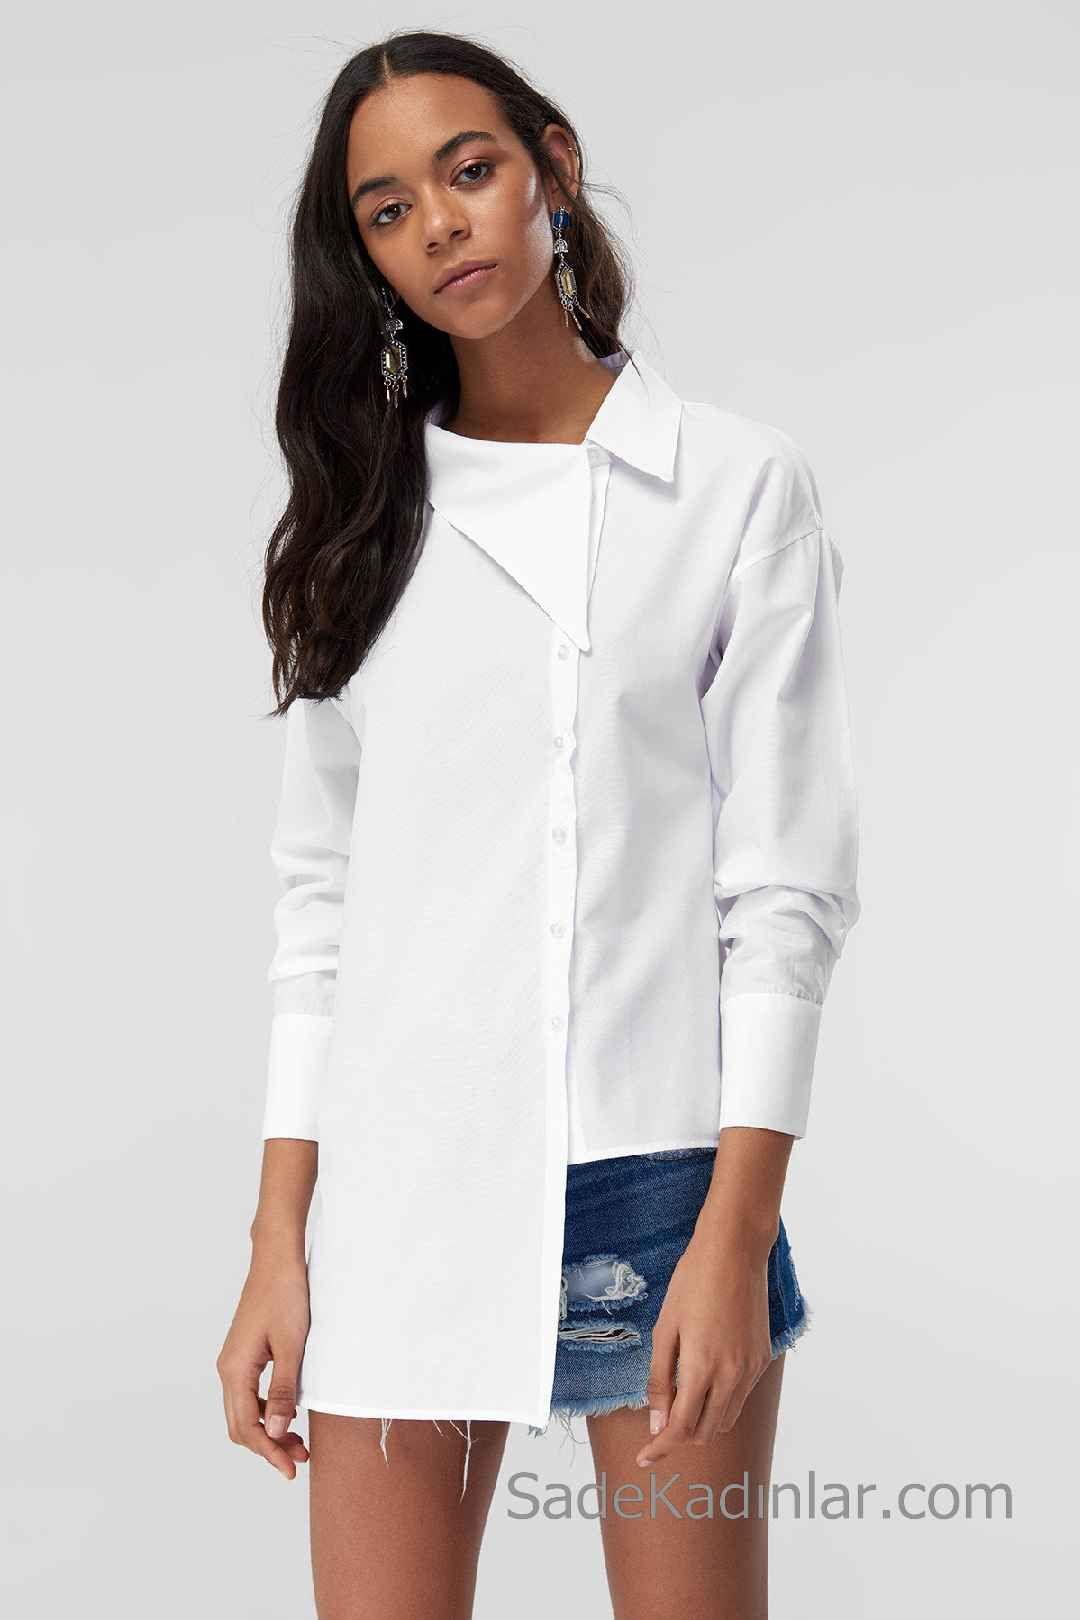 2020 Beyaz Gomlek Modelleri Uzun Kollu Asimetrik Yaka Onden Dugmeli Gomlek Moda Stilleri Gomlek Elbise